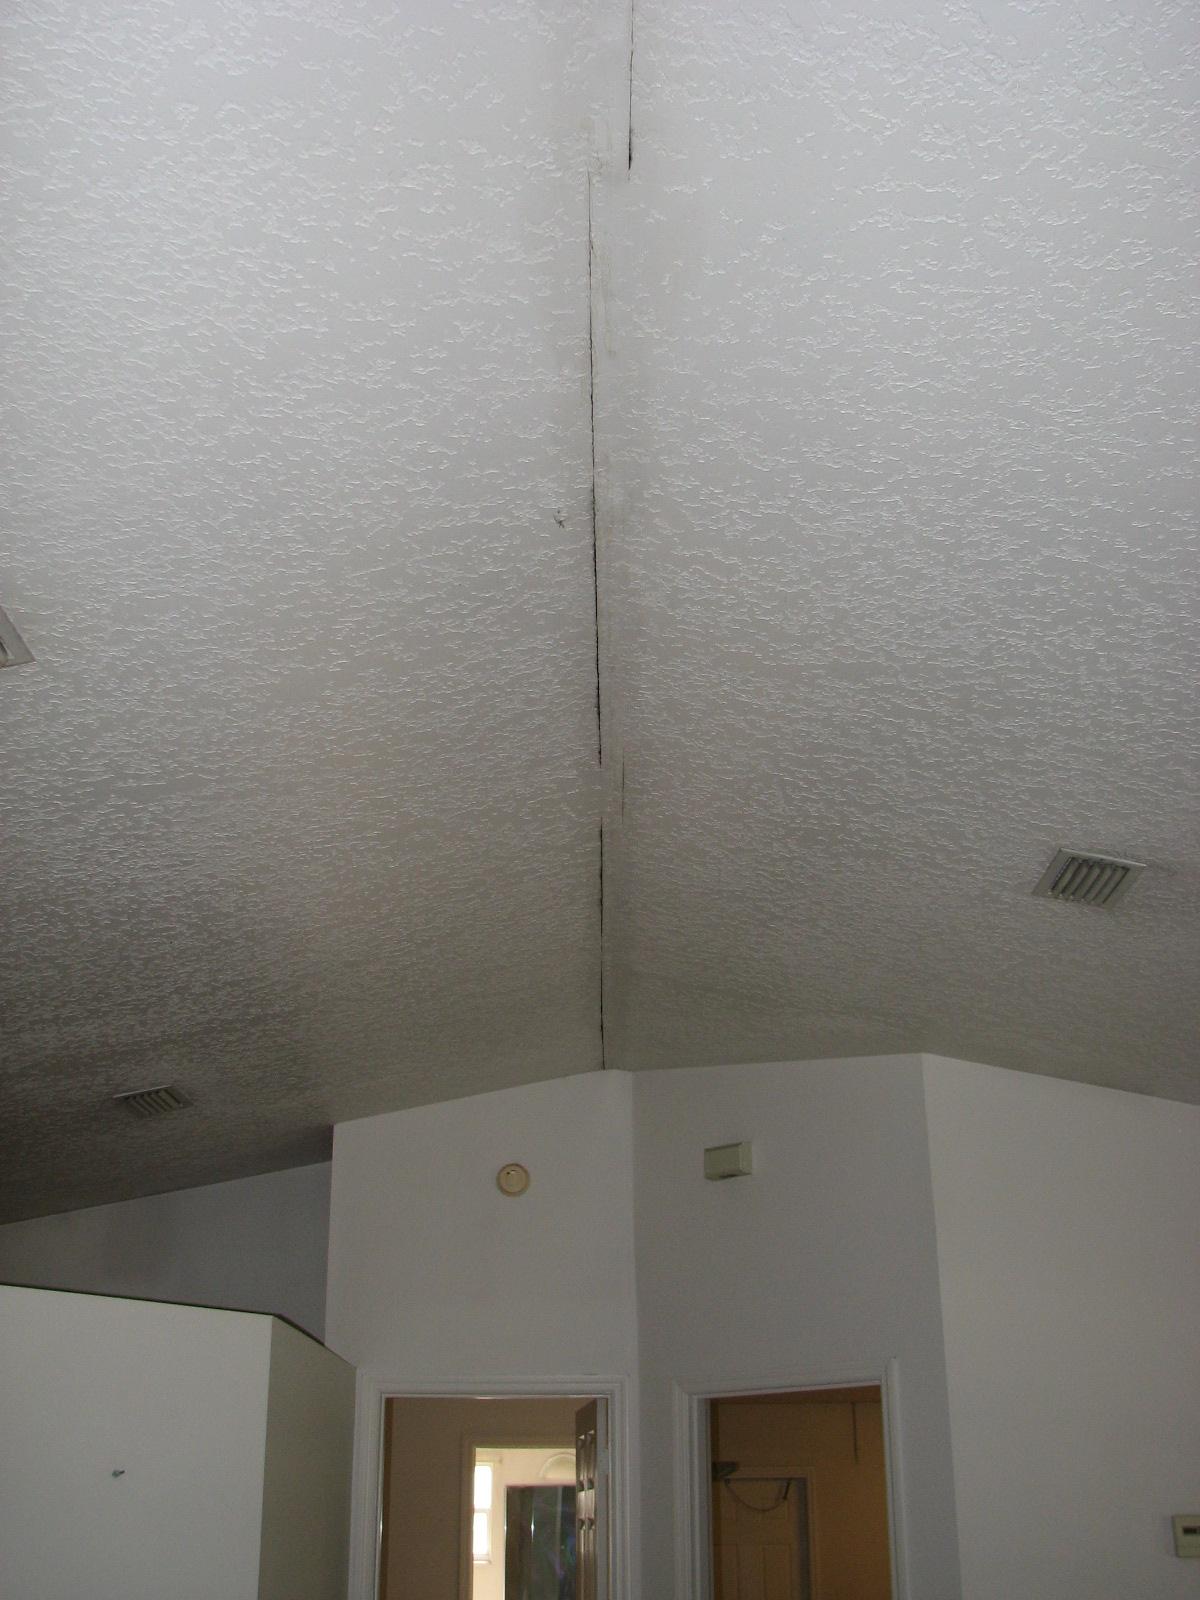 Vaulted Ceiling Repair Knockdown